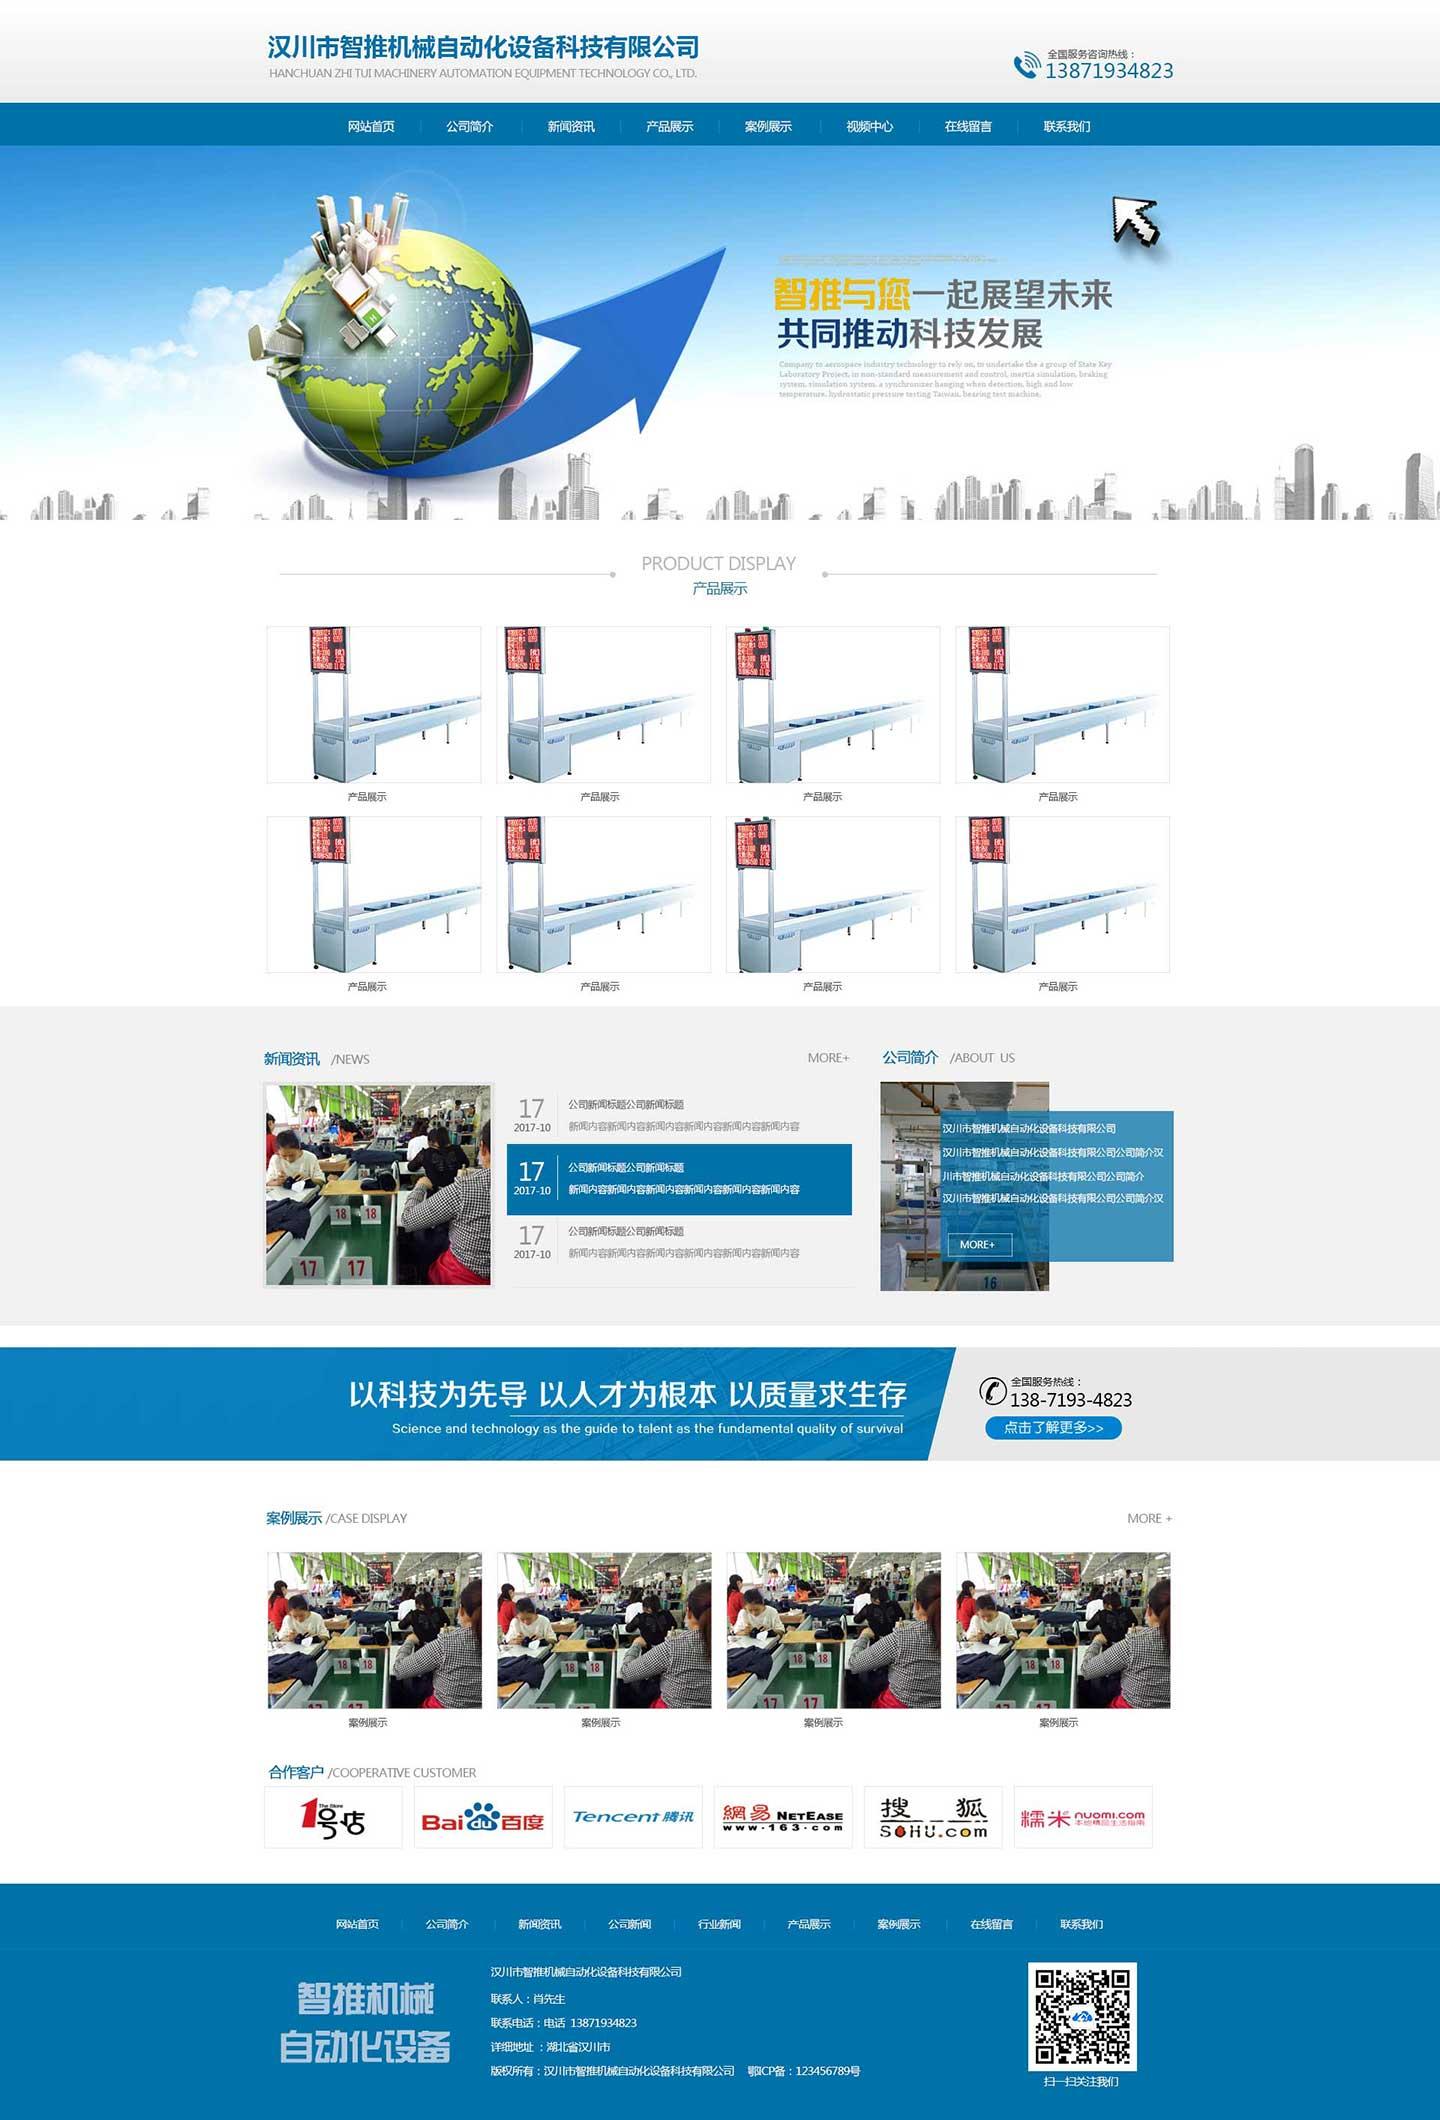 汉川市智推机械自动化设备科技有限公司